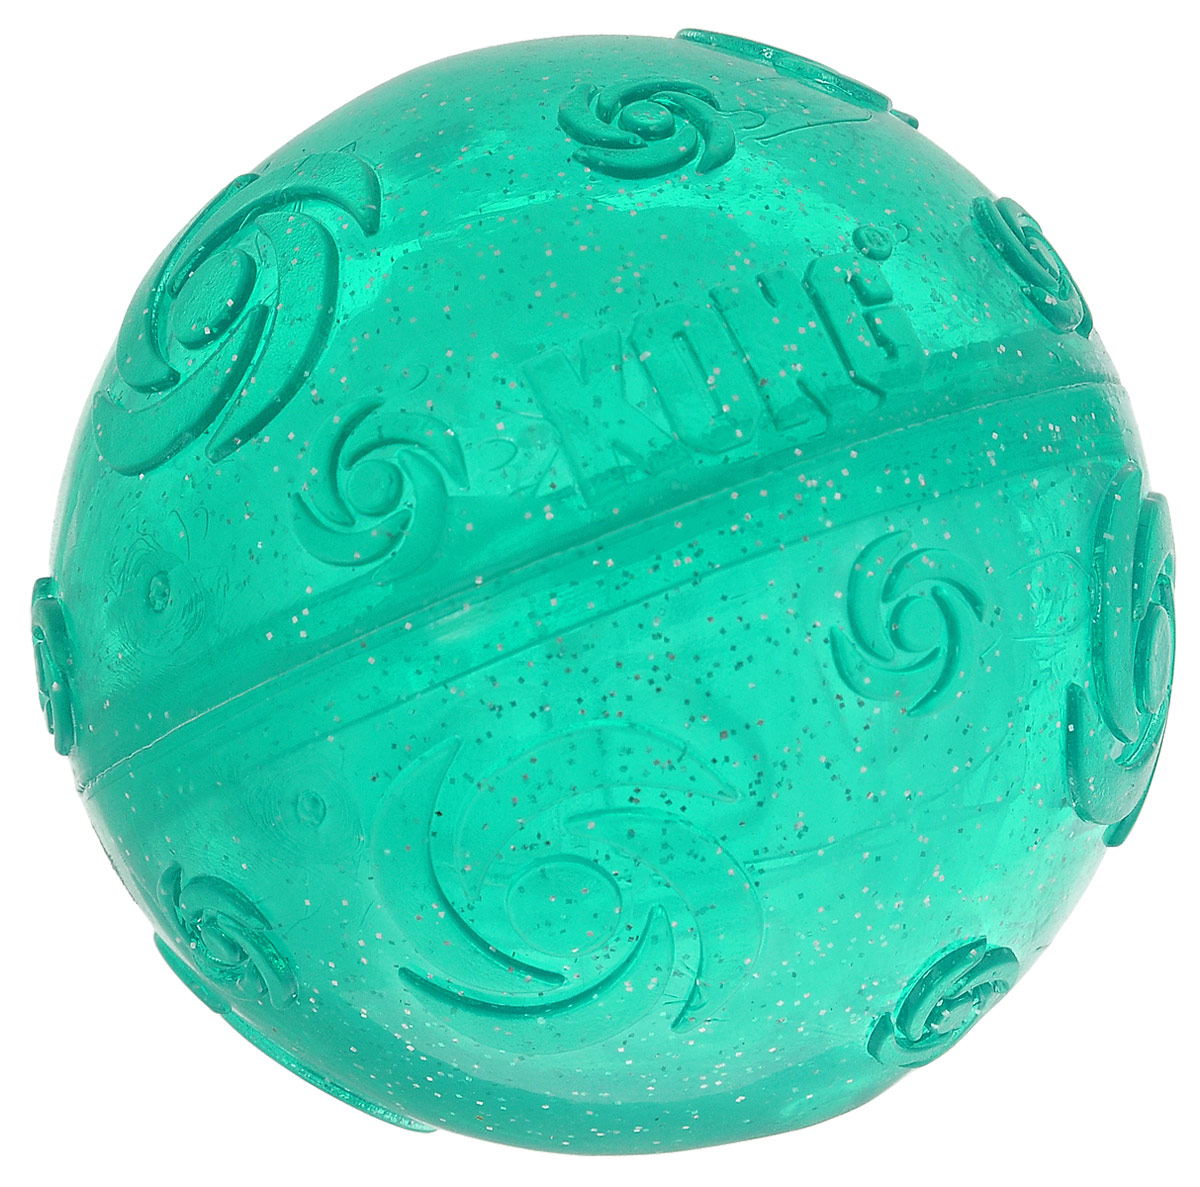 Игрушка для собак Kong  Squezz Crackle , хрустящий мячик, цвет: зеленый, диаметр 7 см - Игрушки